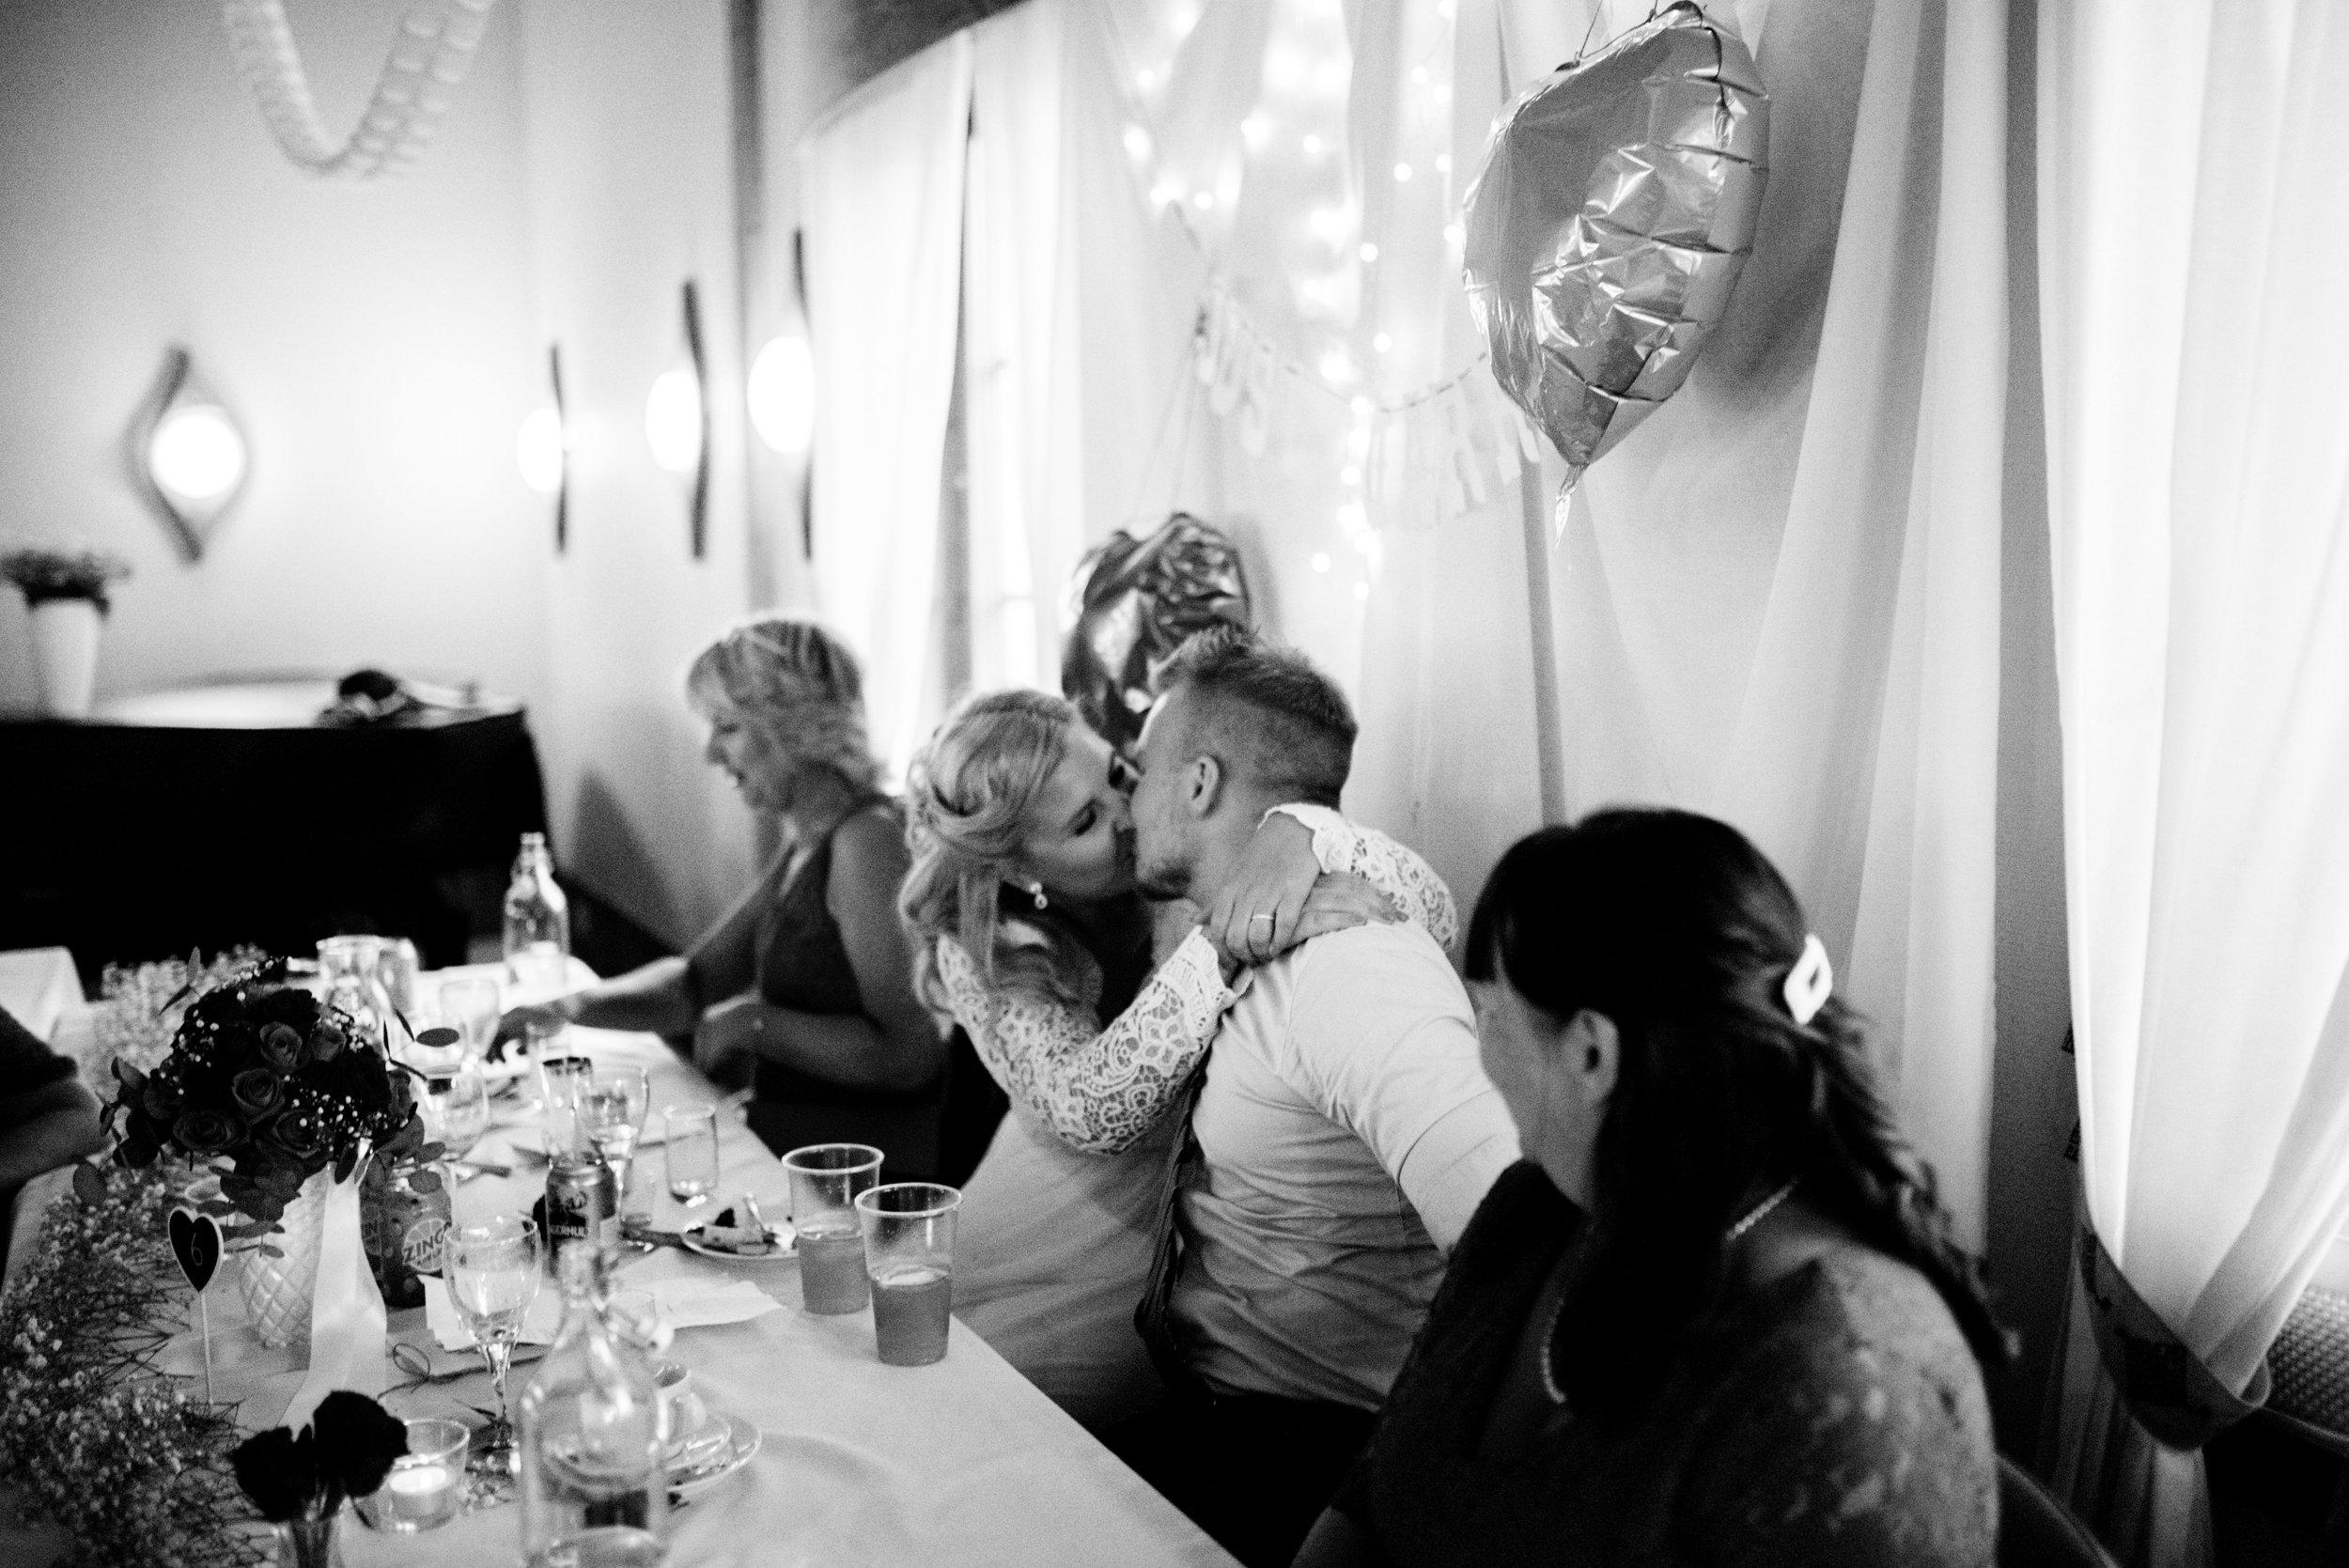 Bröllop2019lågkvall2-6387-2.jpg